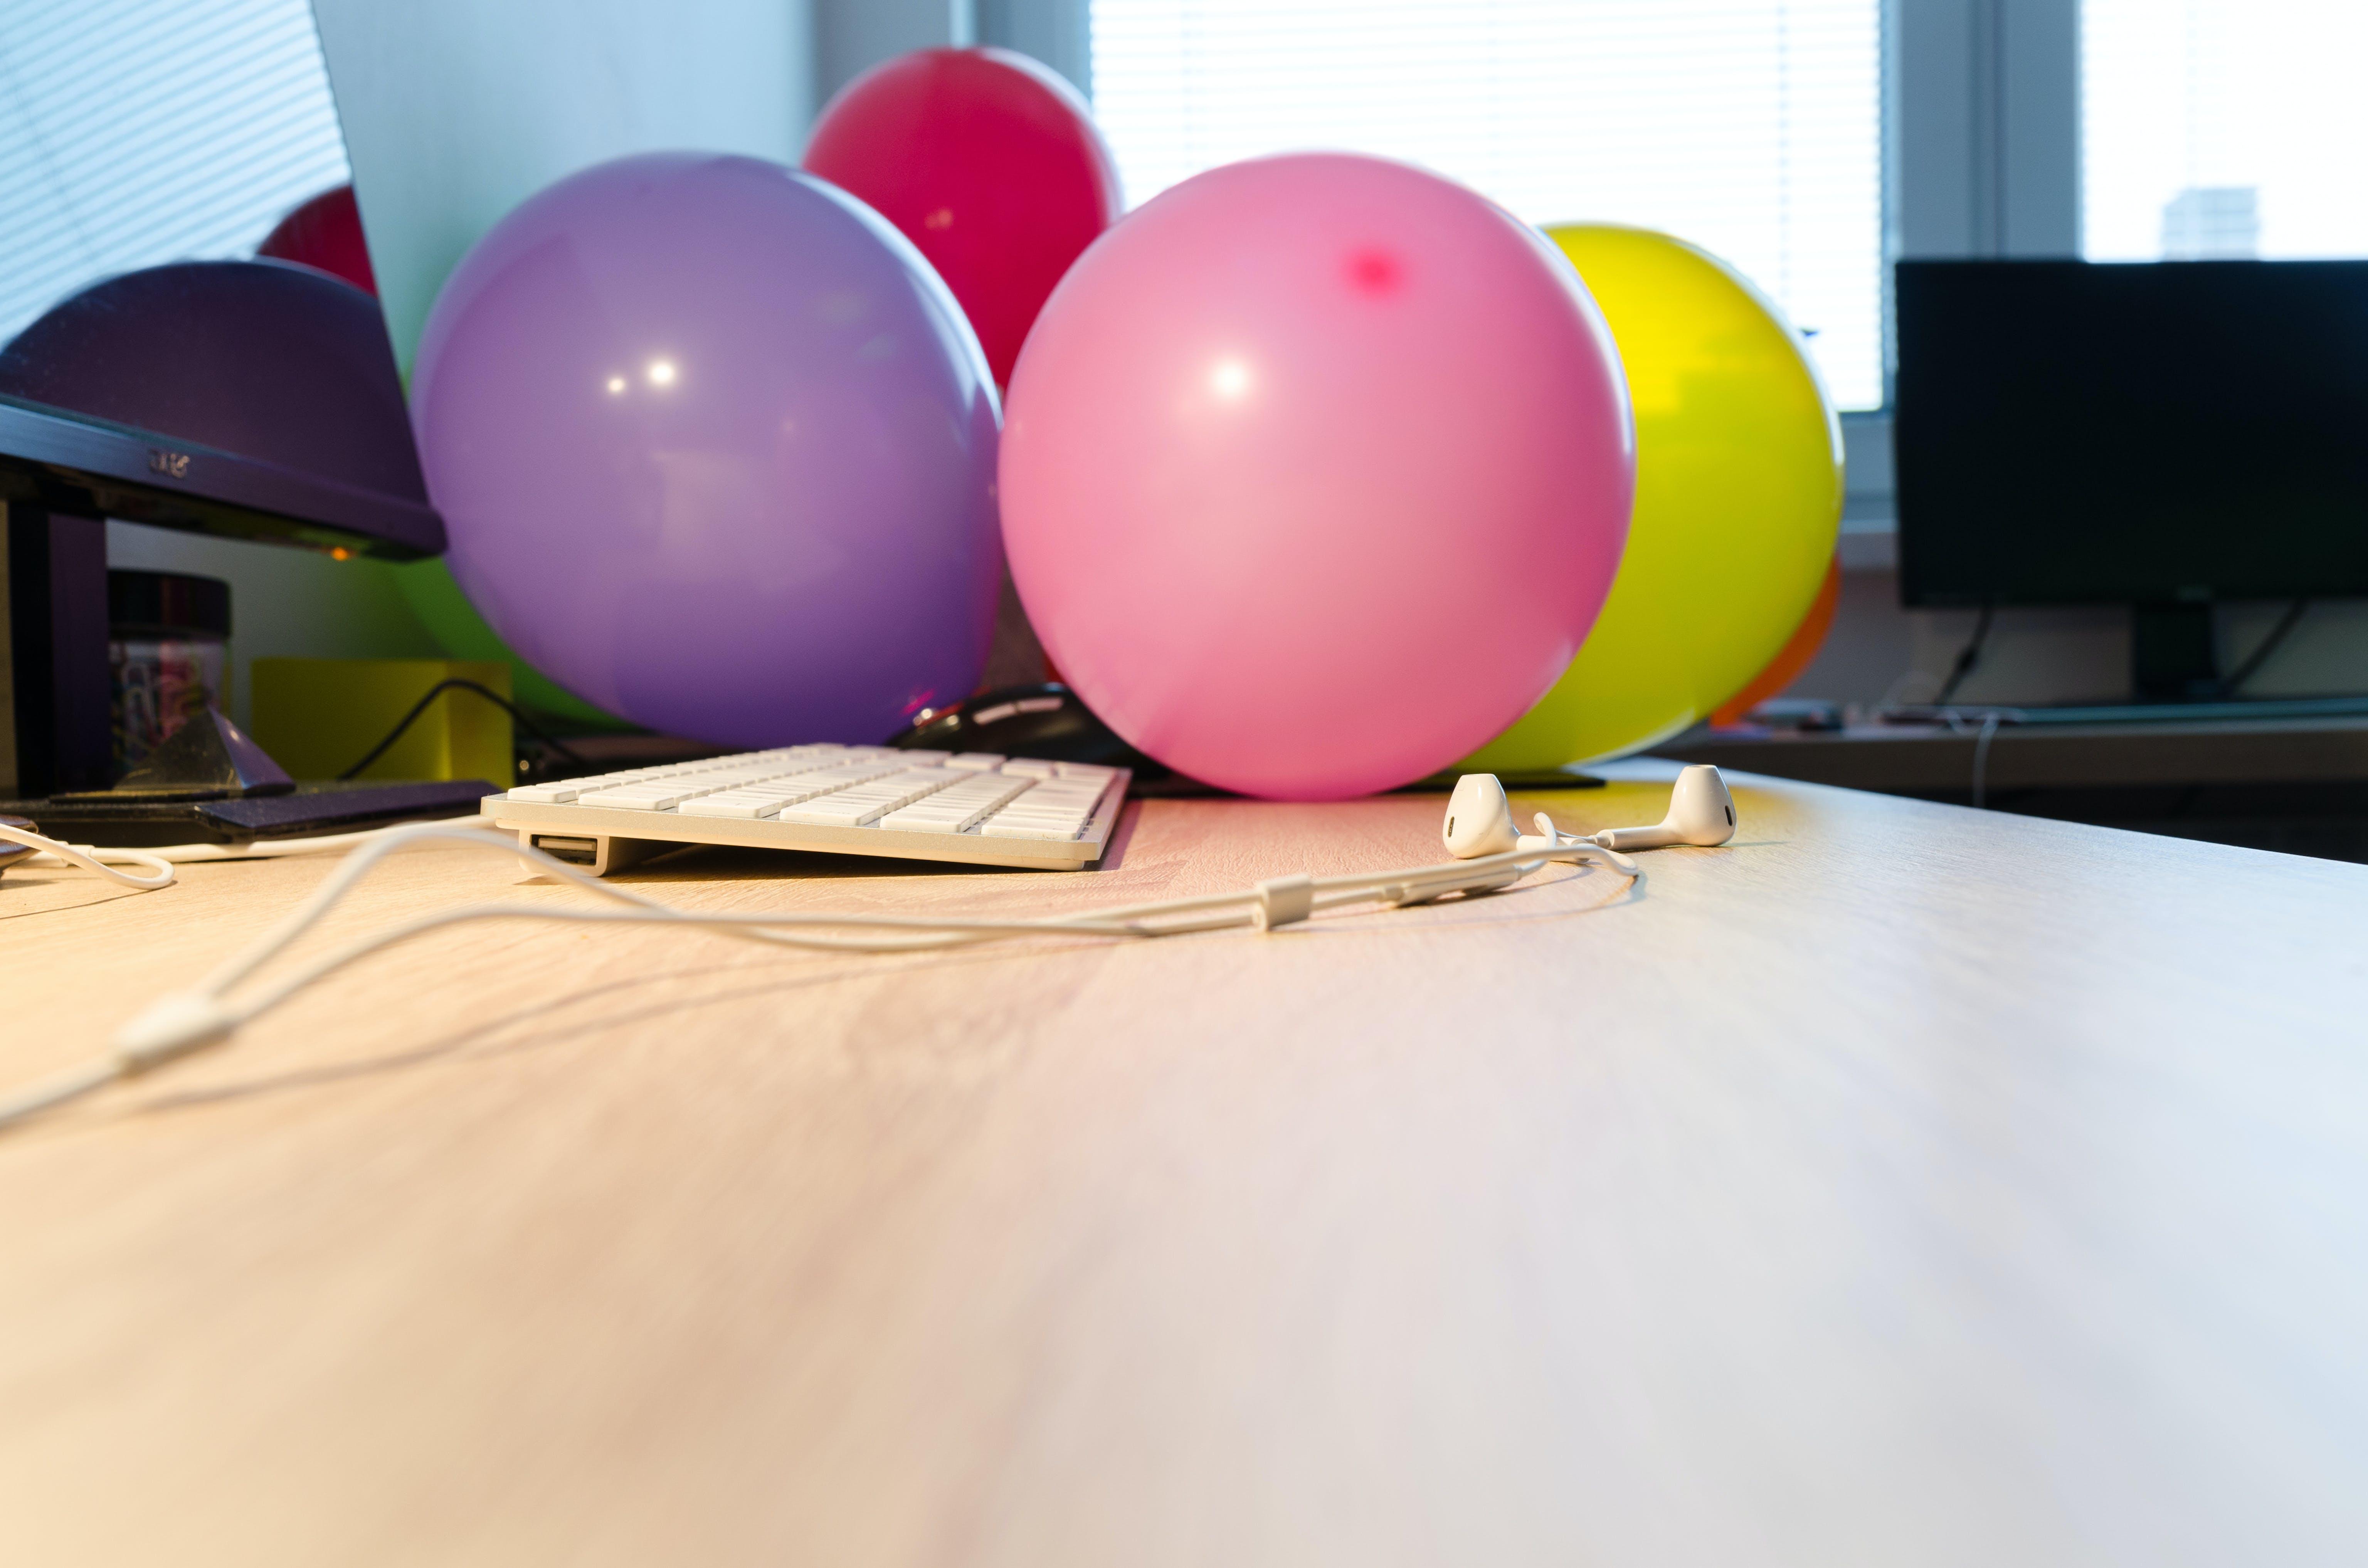 Gratis lagerfoto af arbejde, arbejdsområde, arbejdsplads, balloner